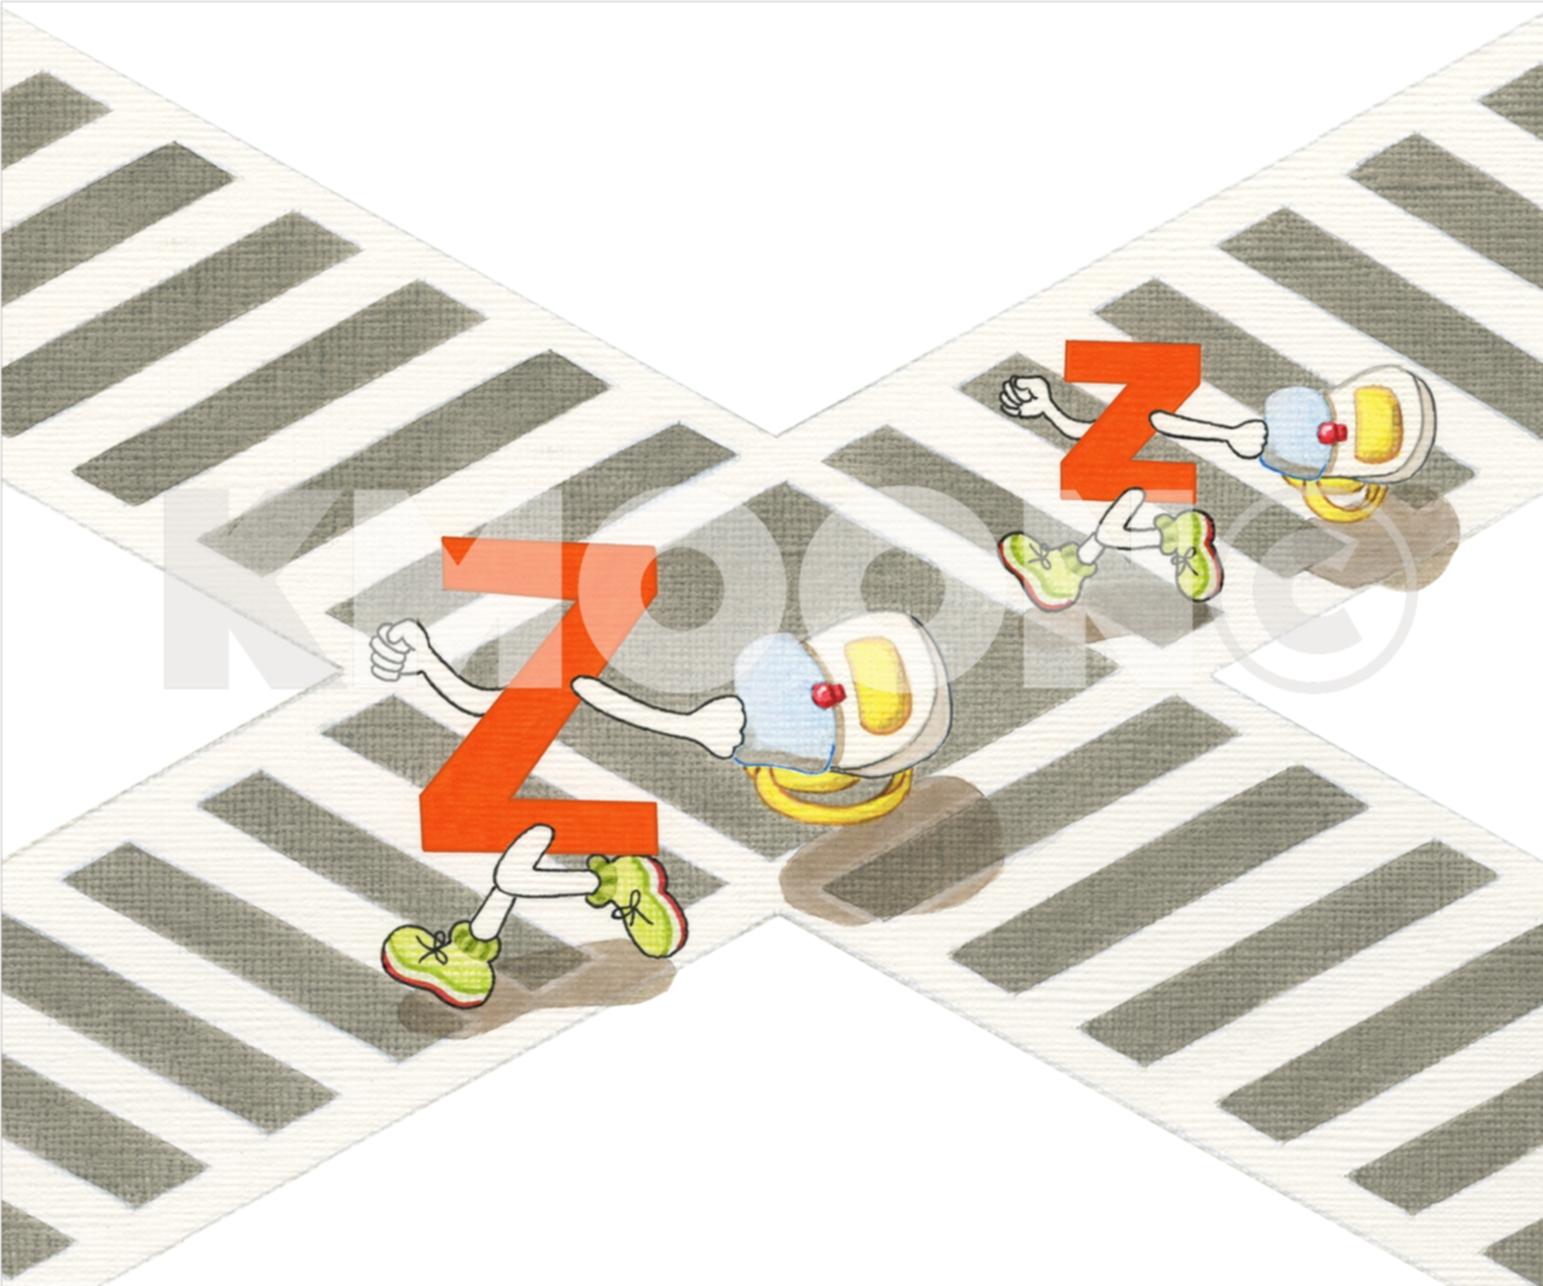 Zz is for ... zebra-crossing